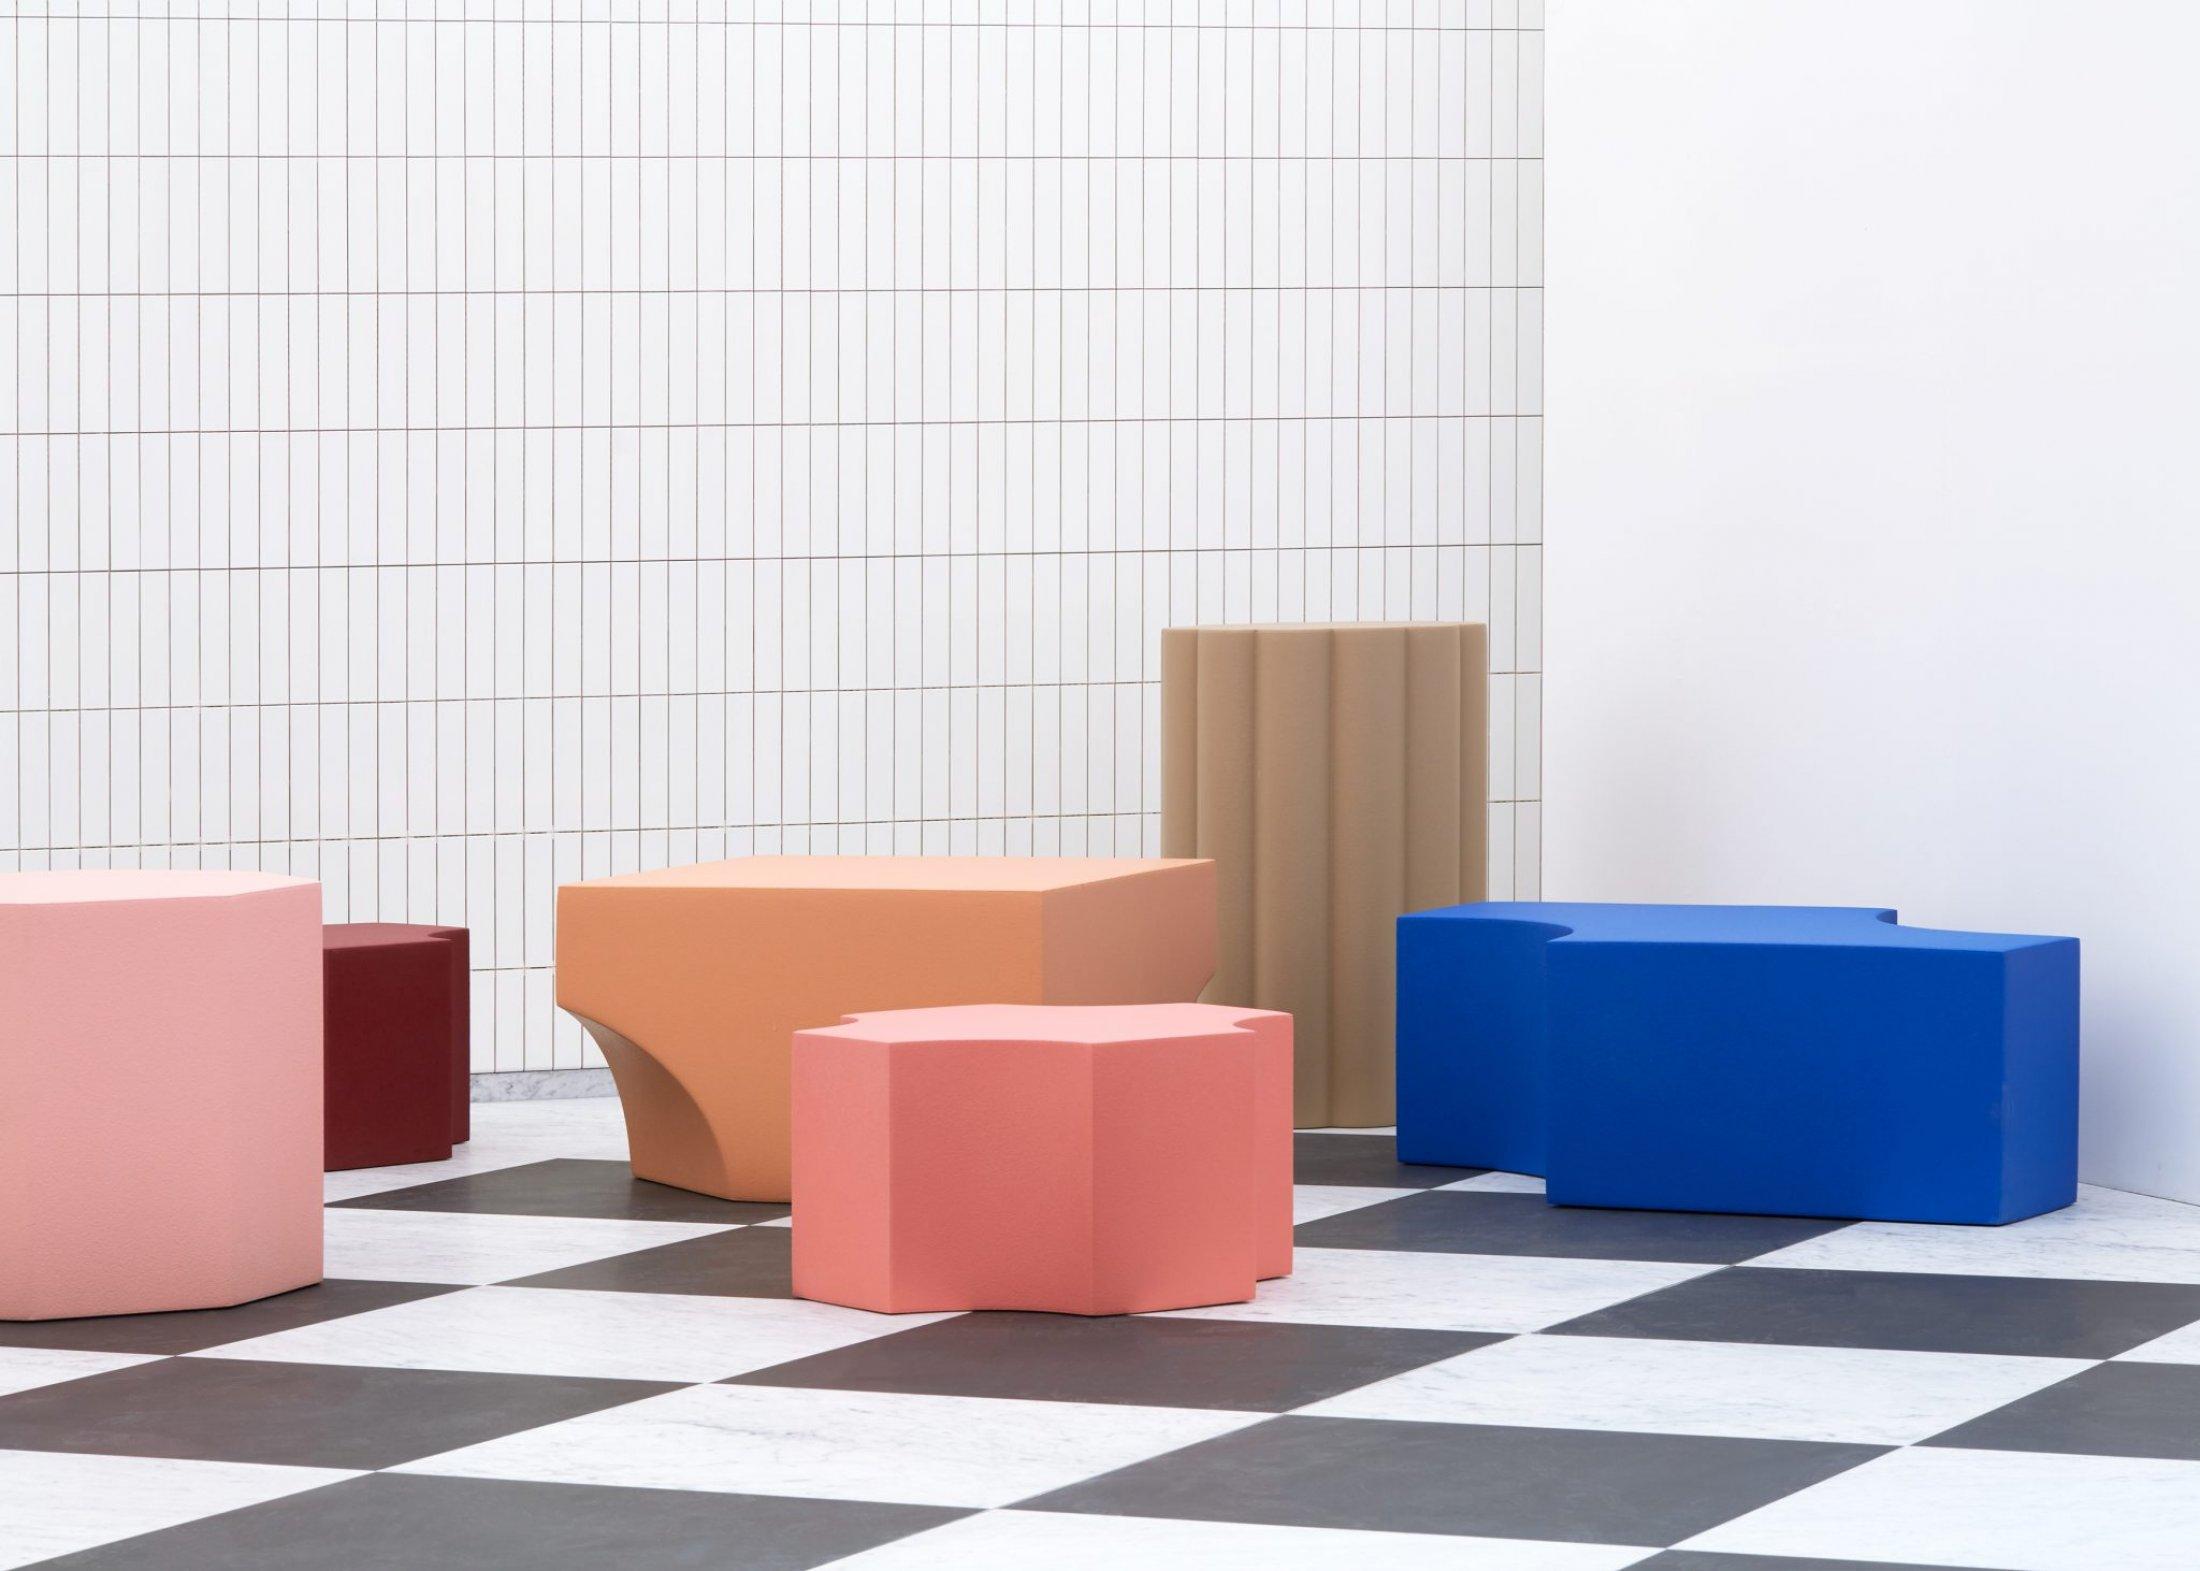 Thomas Adank - Furniture by architects Christ & Gantenbein